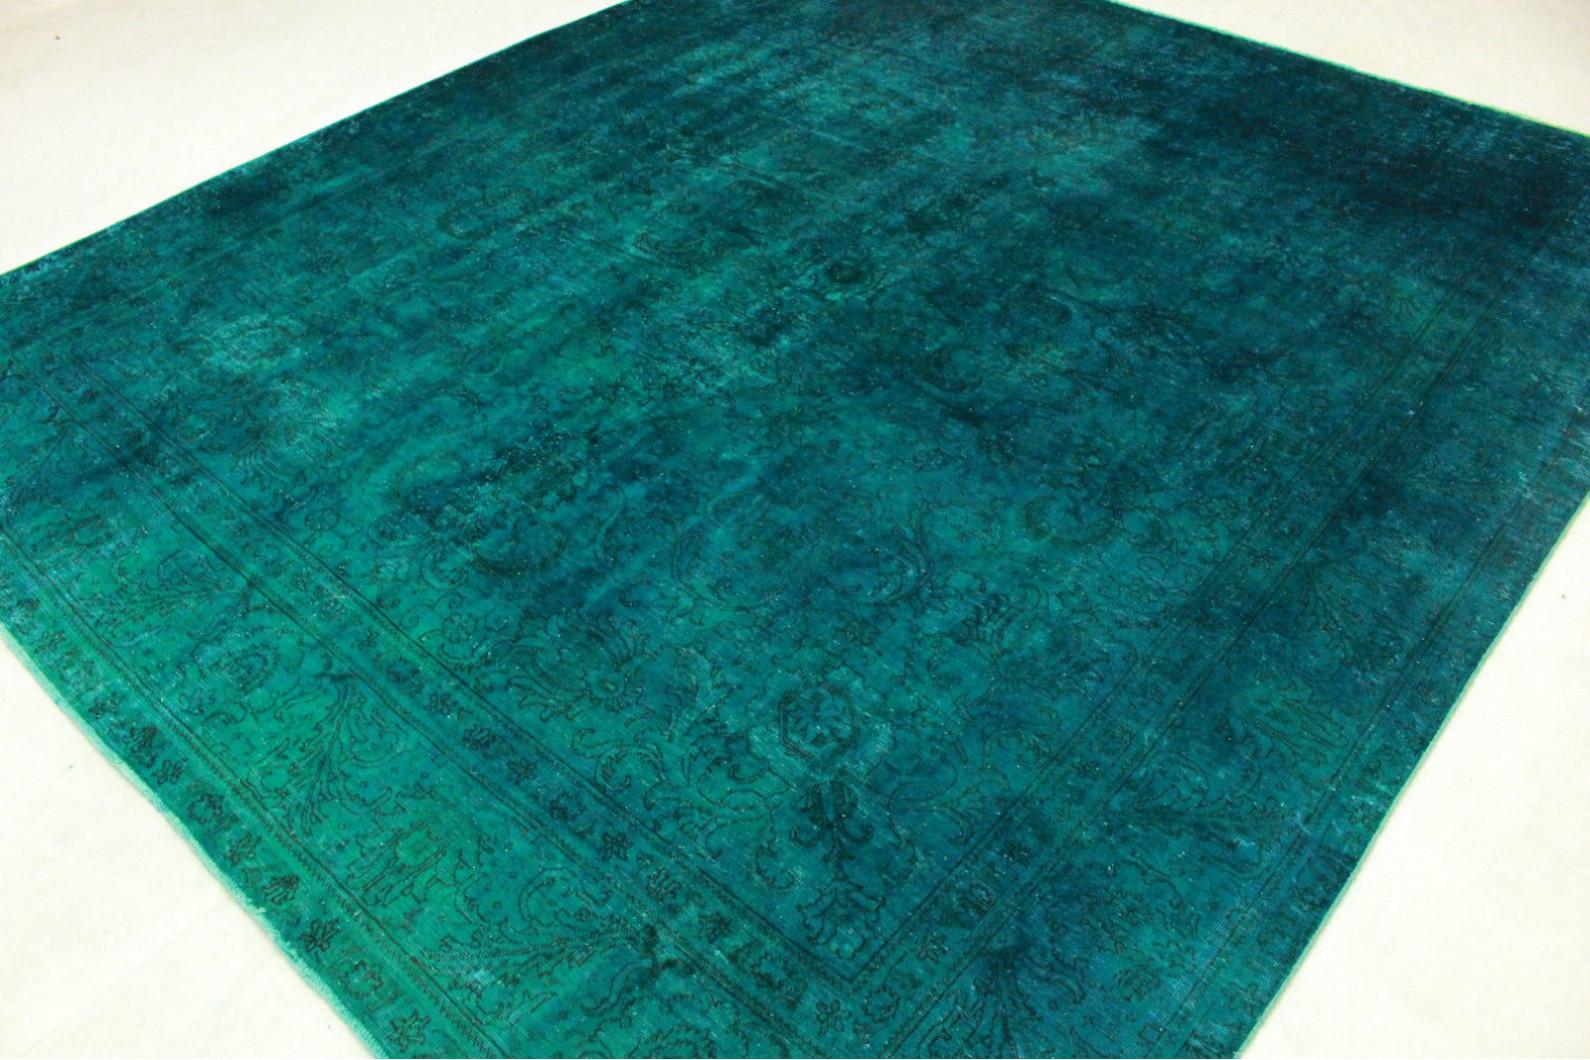 ... Vintage Teppich Grün Türkis In 380x330cm (2/4) ...